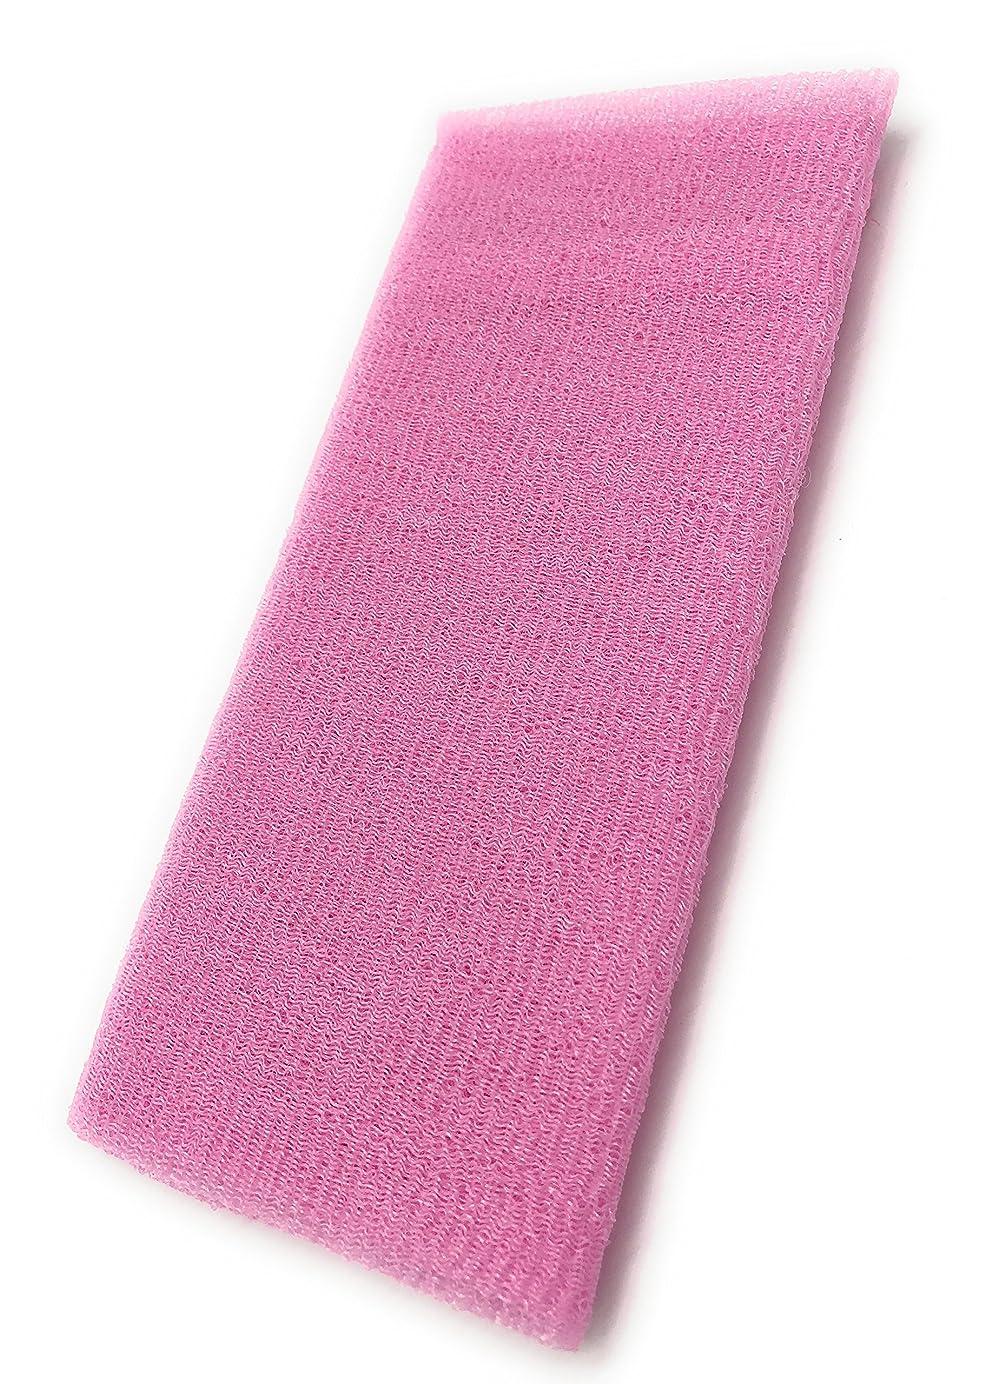 めるメロドラマティックみなさんMaltose あかすりタオル ボディタオル ロングボディブラシ やわらか 濃密泡 背中 お風呂用 メンズ 5色 (ピンク)